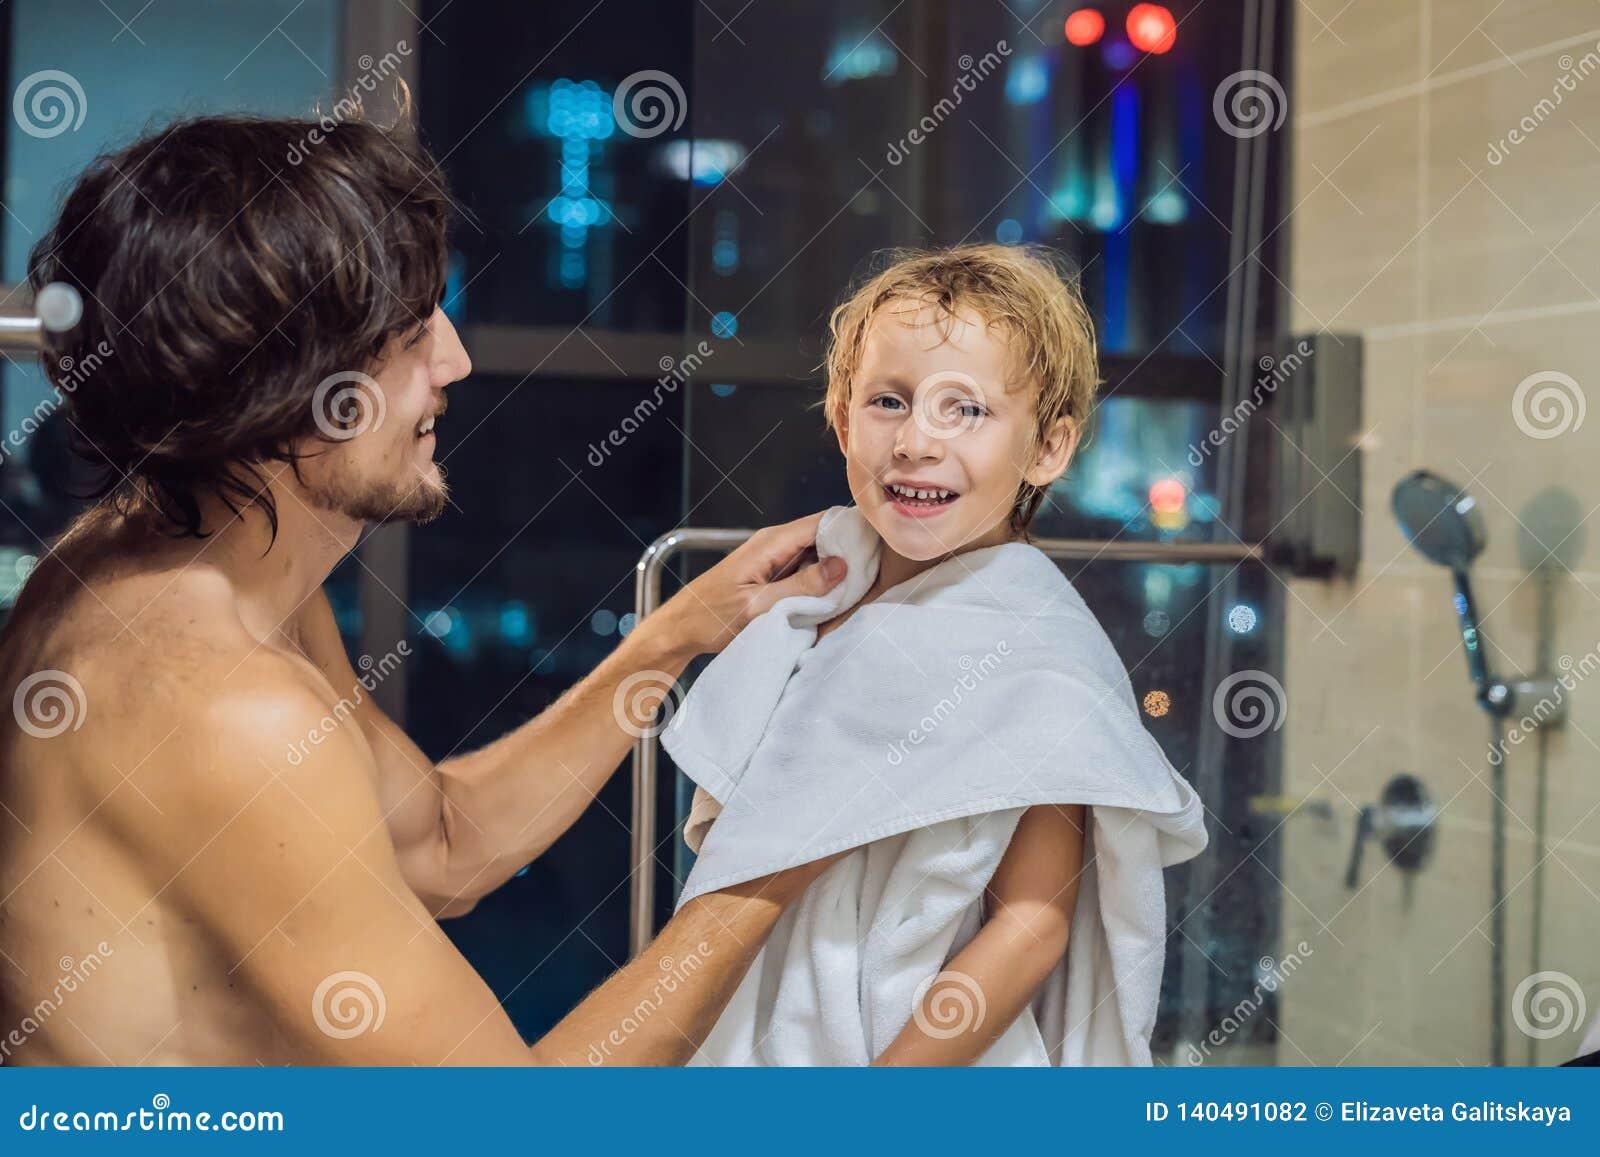 O paizinho limpa seu filho com uma toalha após um chuveiro na noite antes de ir dormir no fundo de uma janela com a